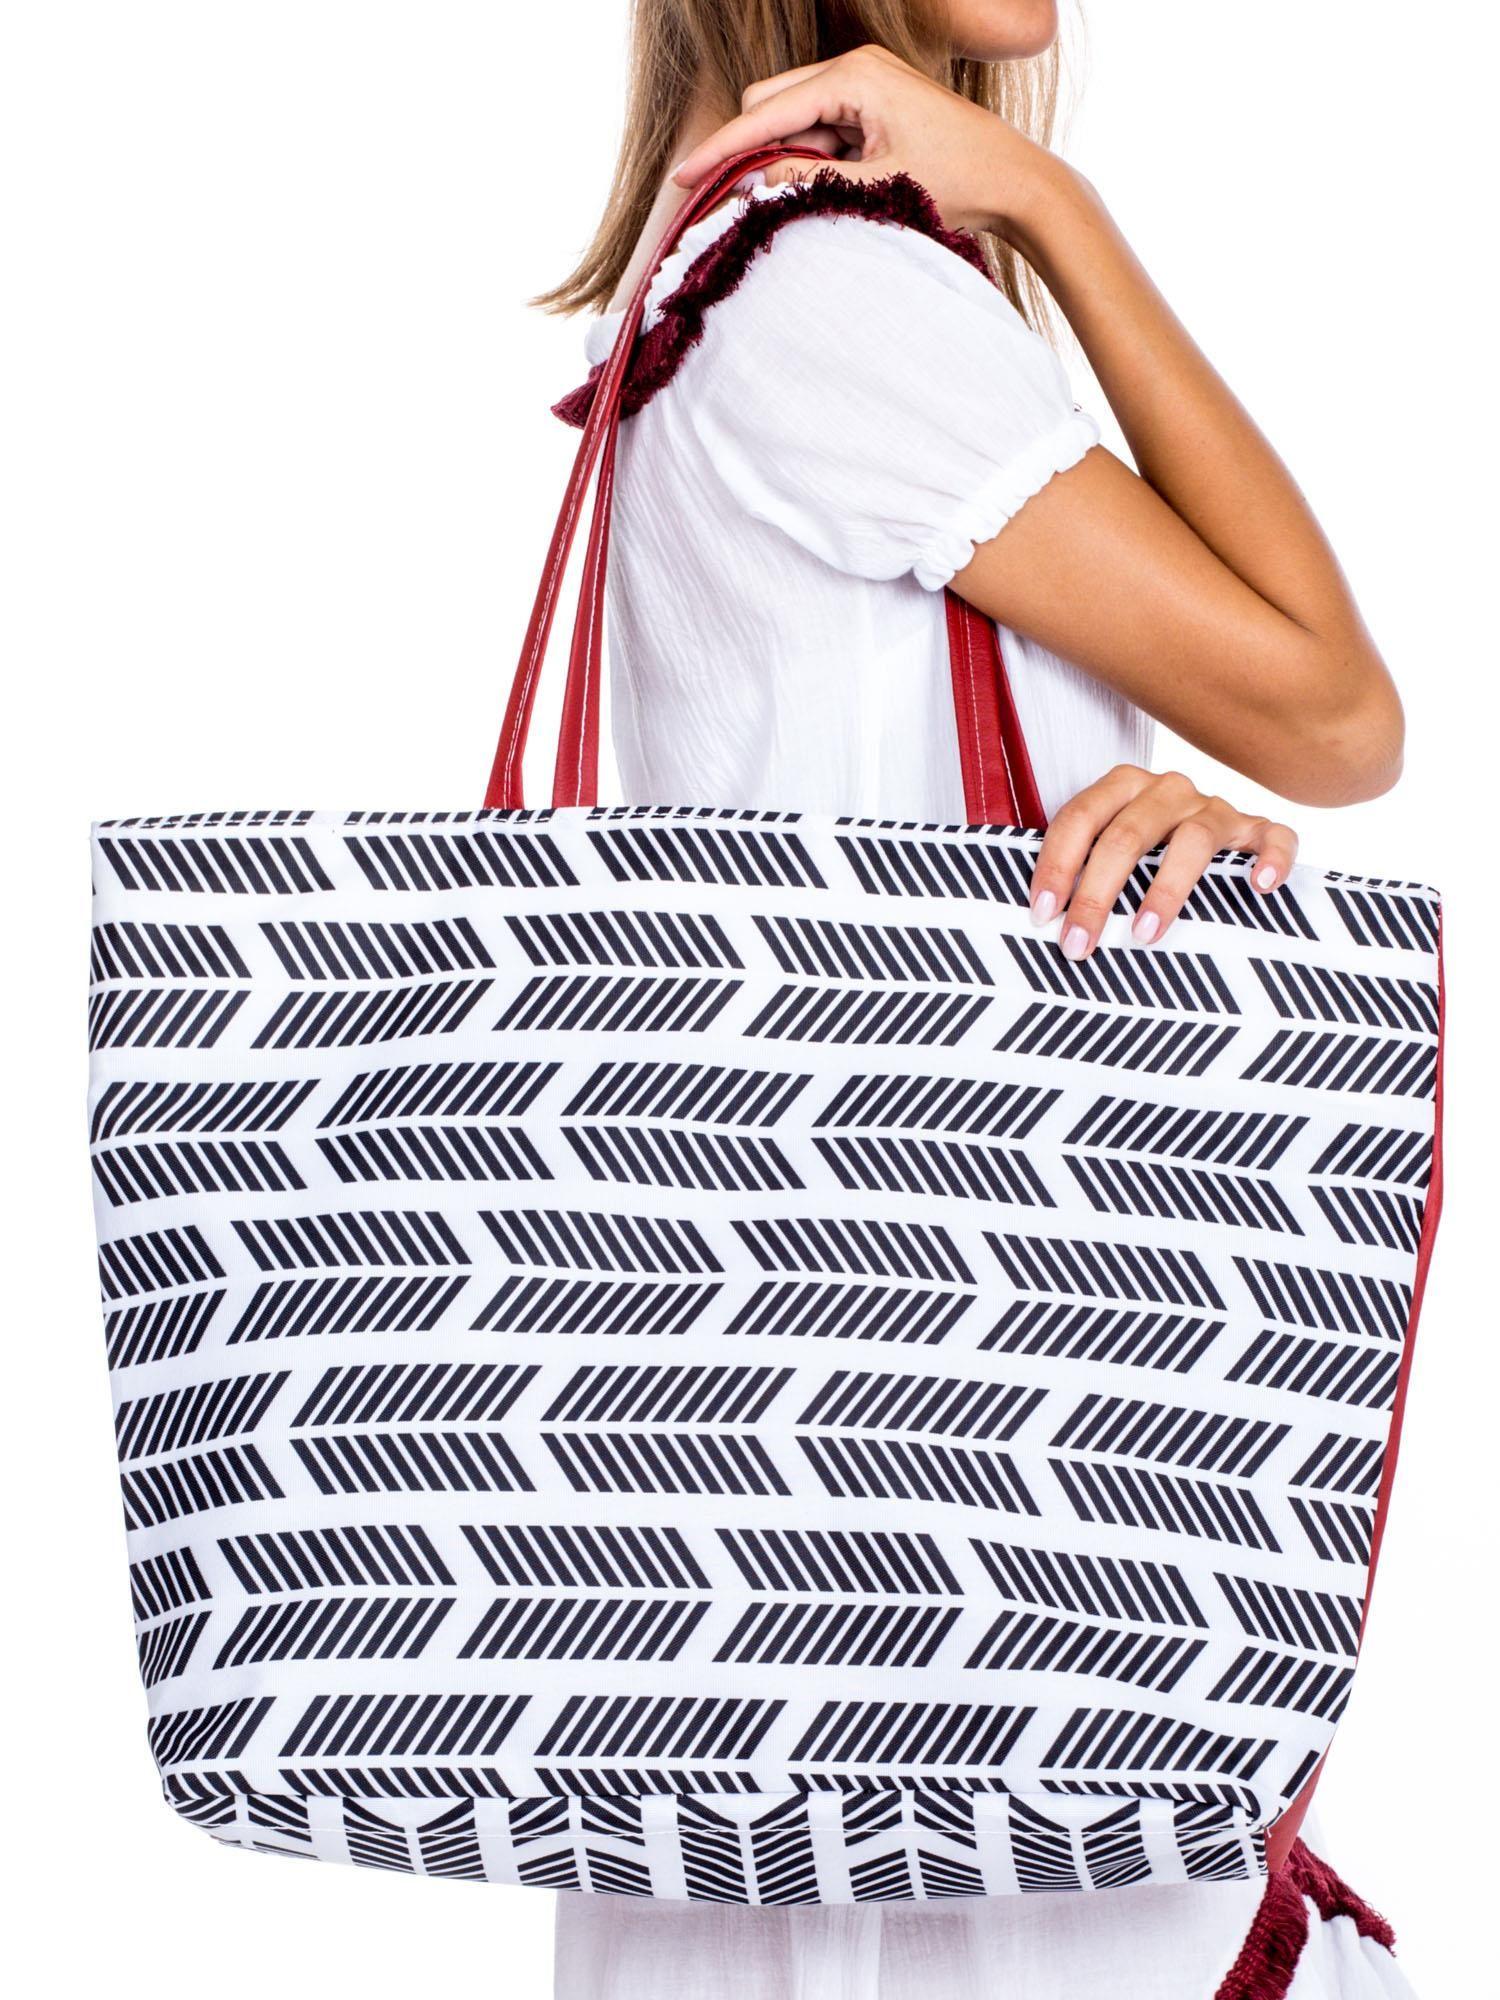 92b931ab87ba6 Biała materiałowa torba shopper we wzory - Akcesoria torba - sklep ...